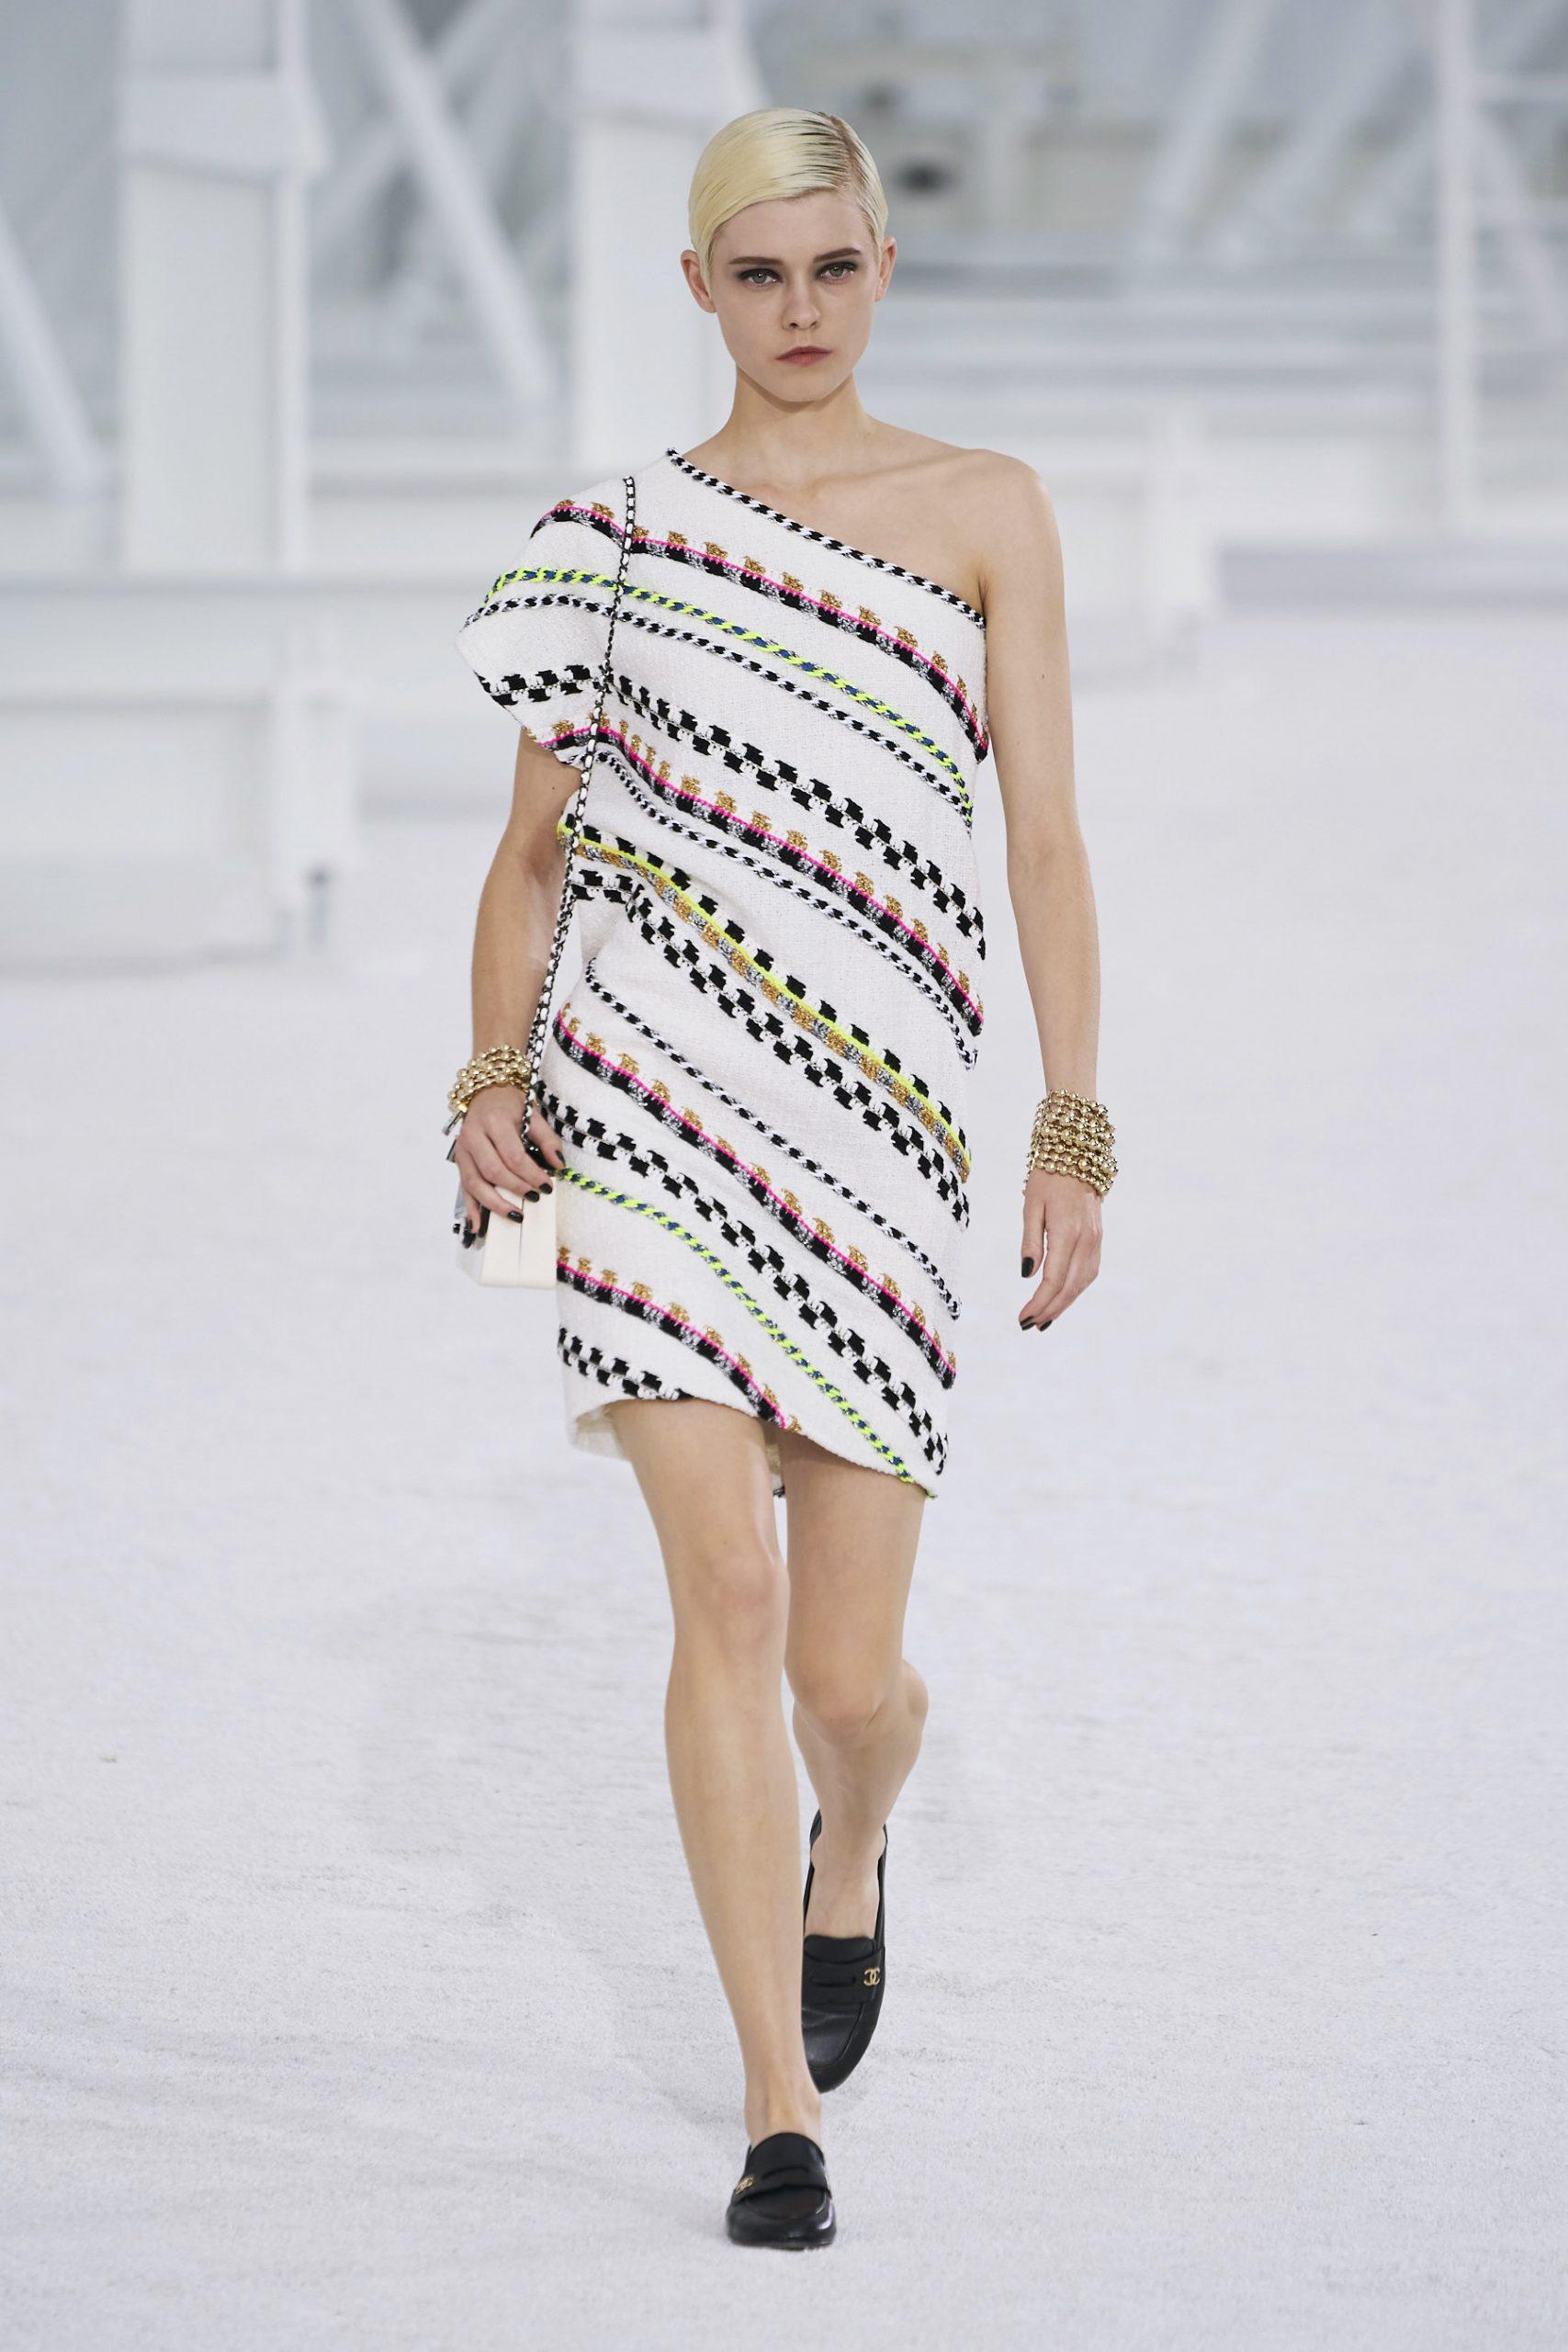 8. kép: Párizsi Divathét - Chanel - 2021 tavasz-nyár - ready to wear